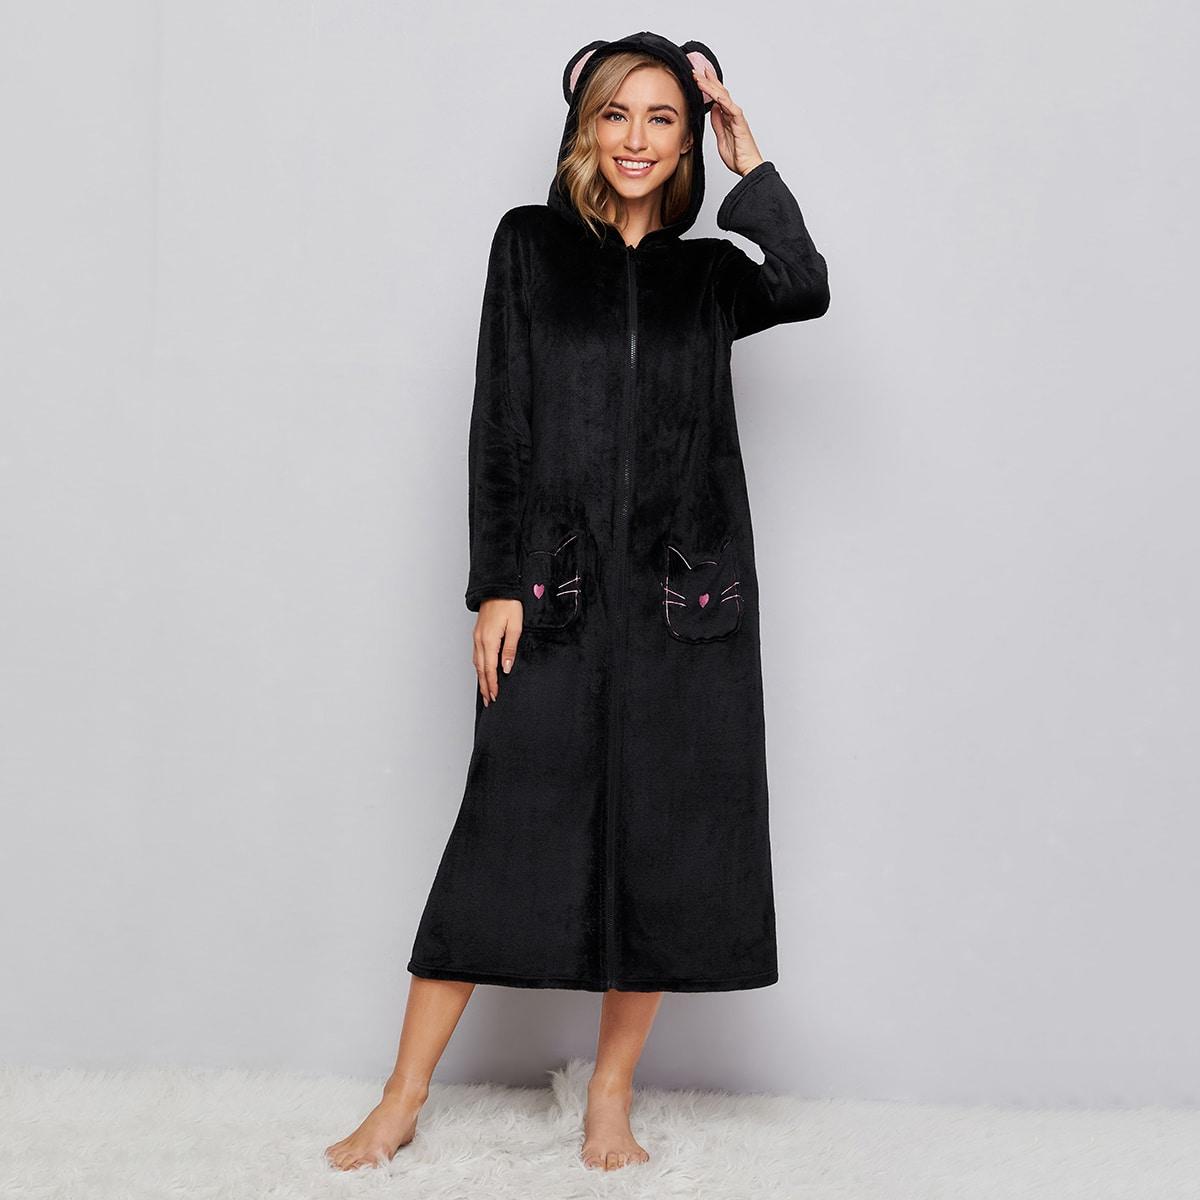 Фланелевый халат с капюшоном и карманом на молнии